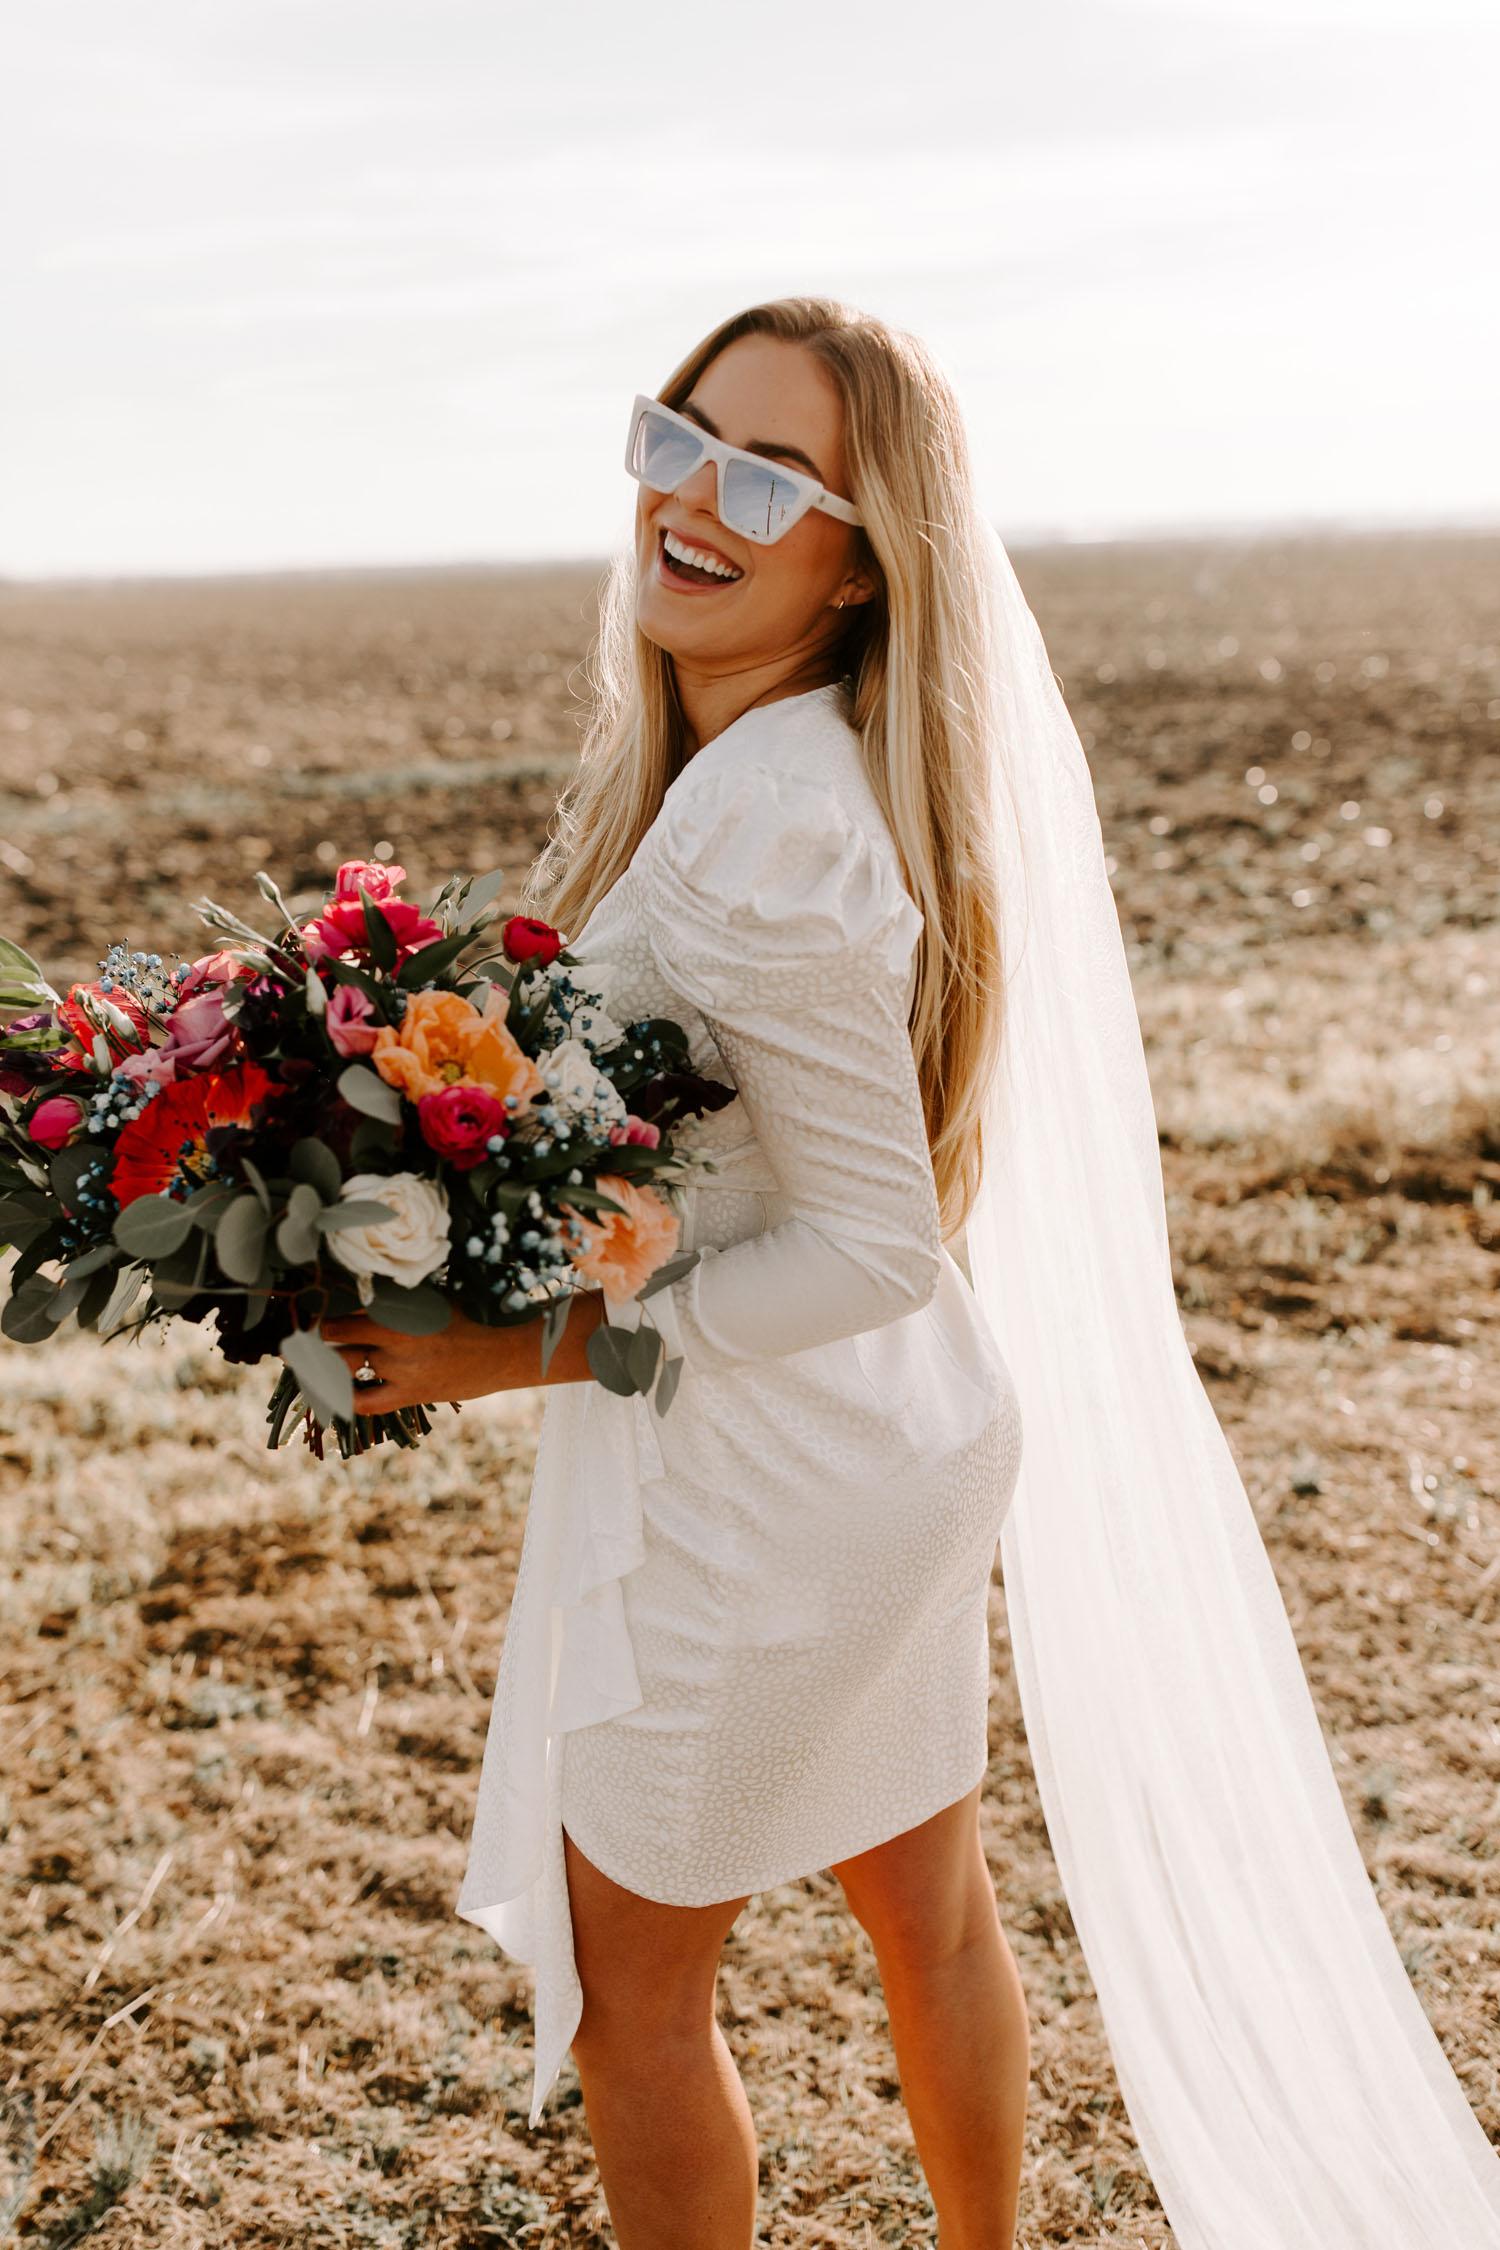 sunglasses wedding attire